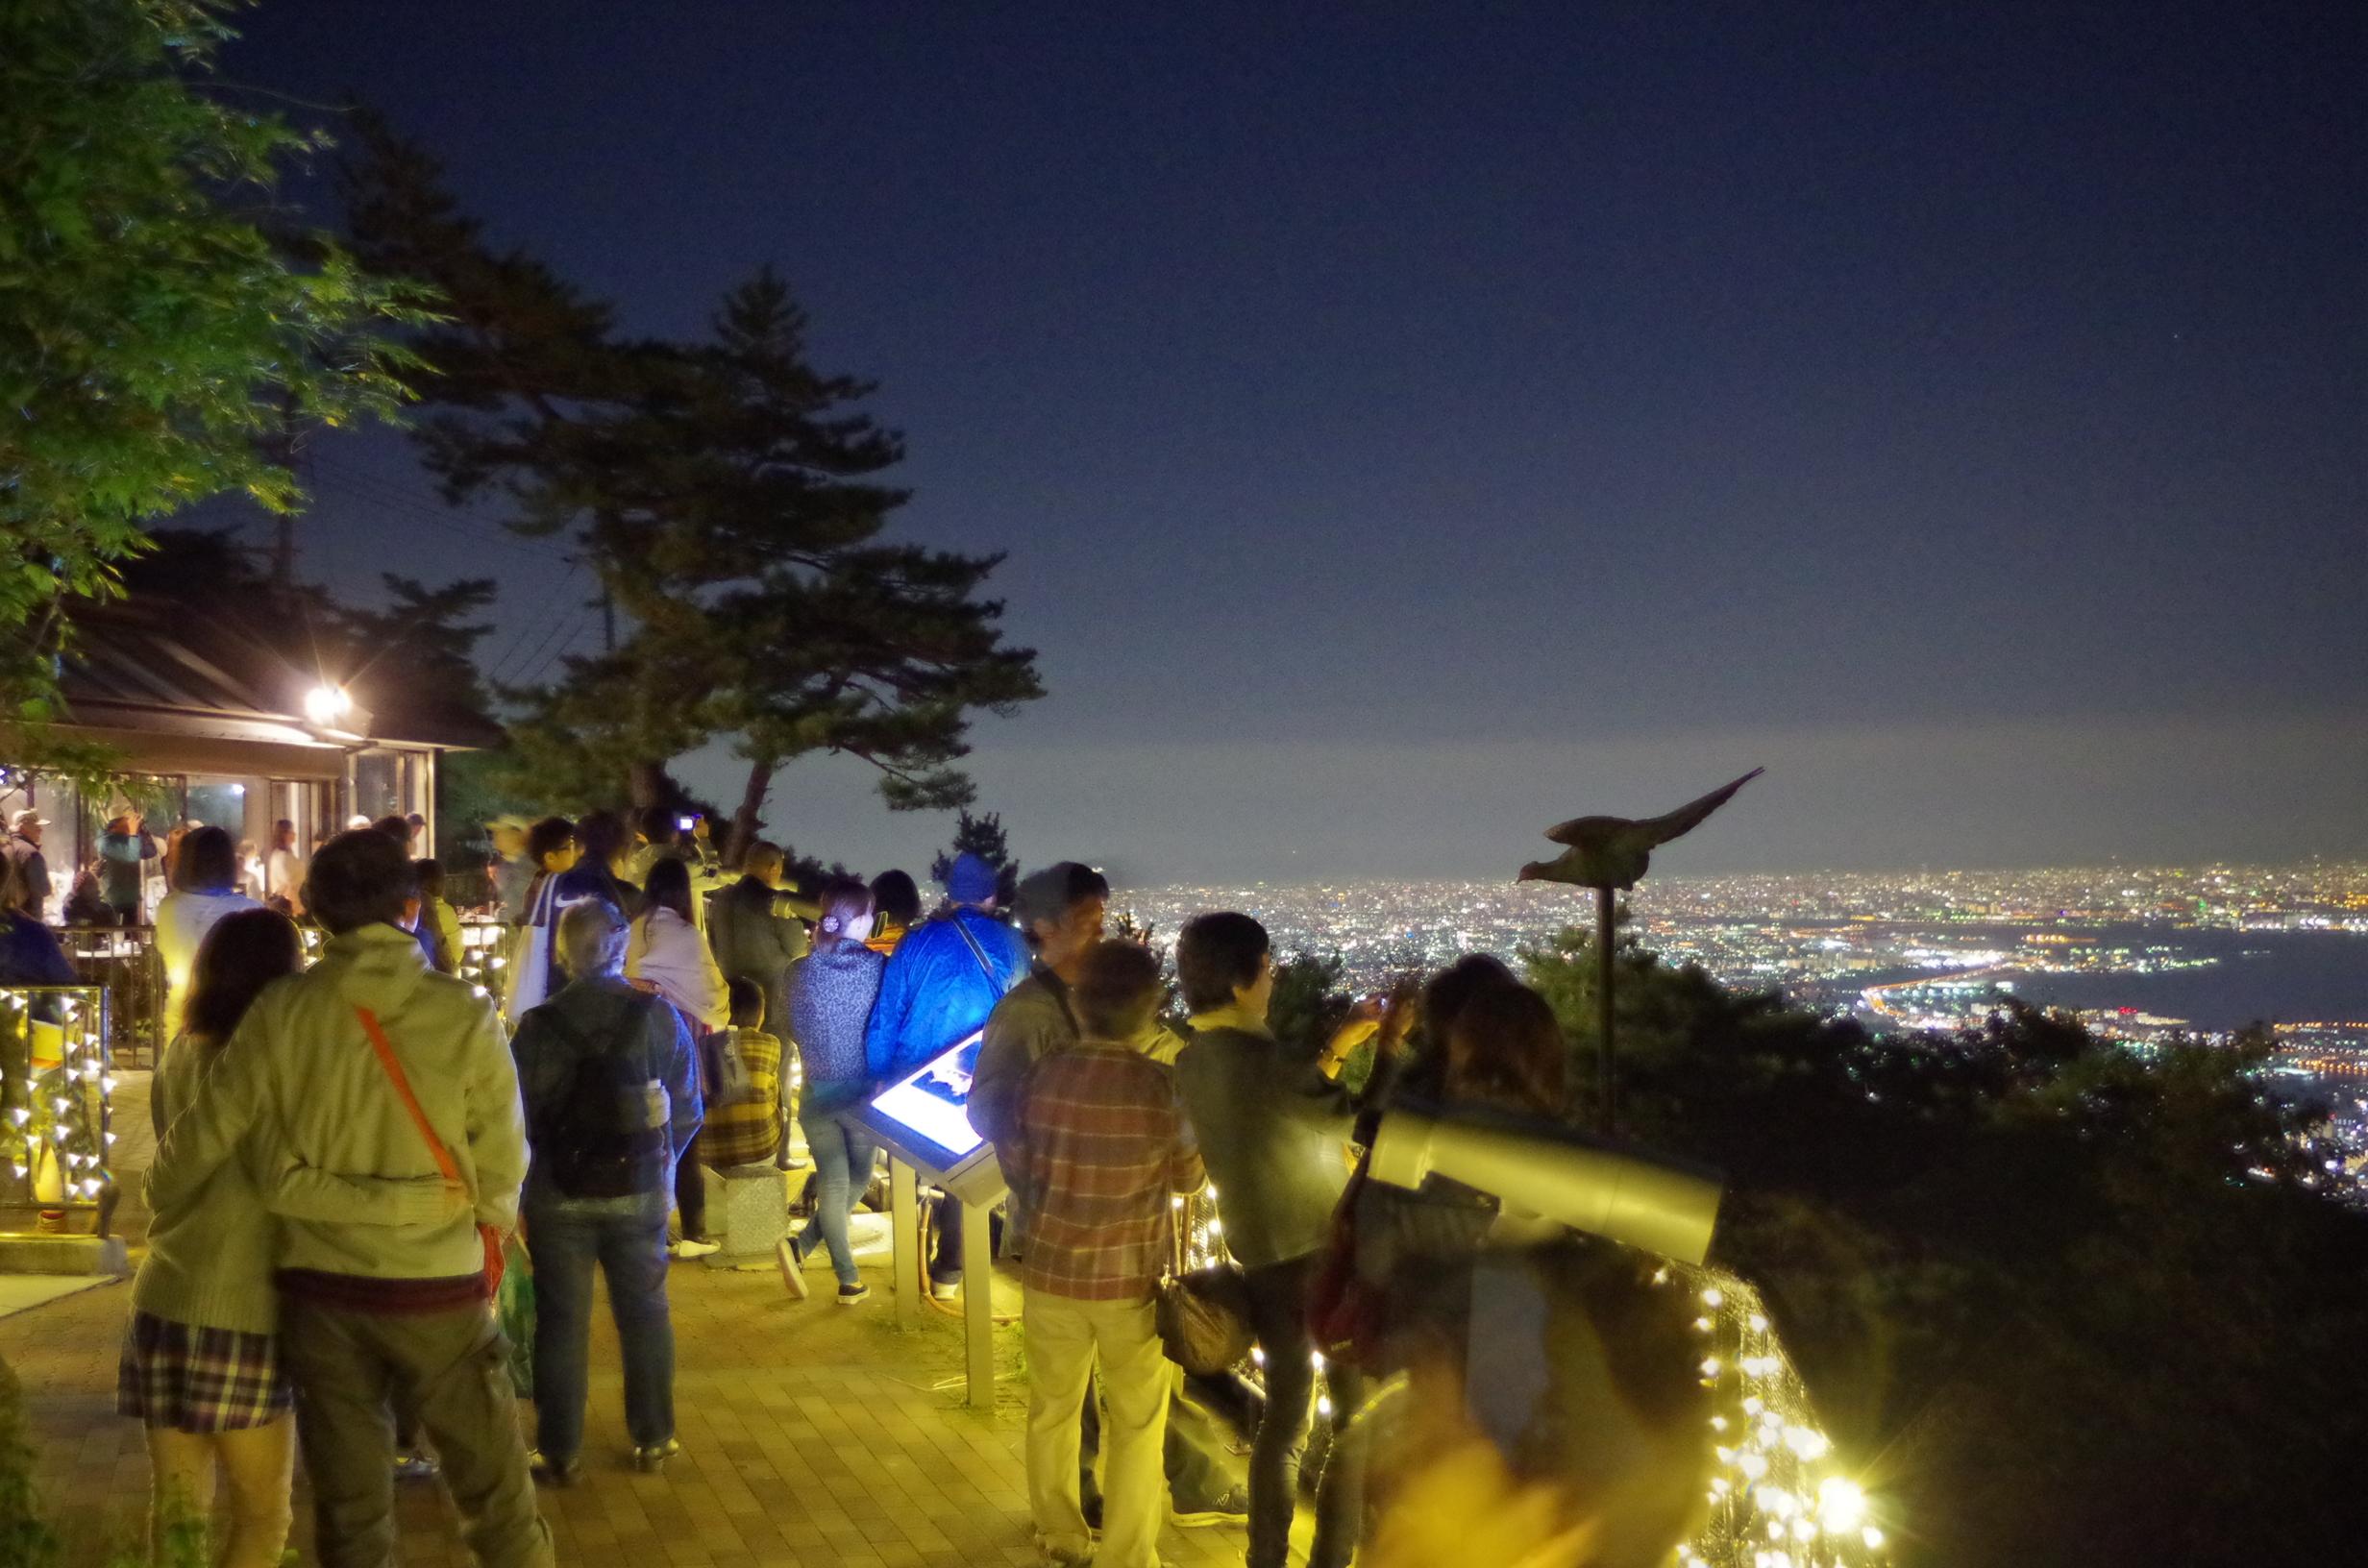 六甲ケーブルで1000万ドルの夜景を見に行く!